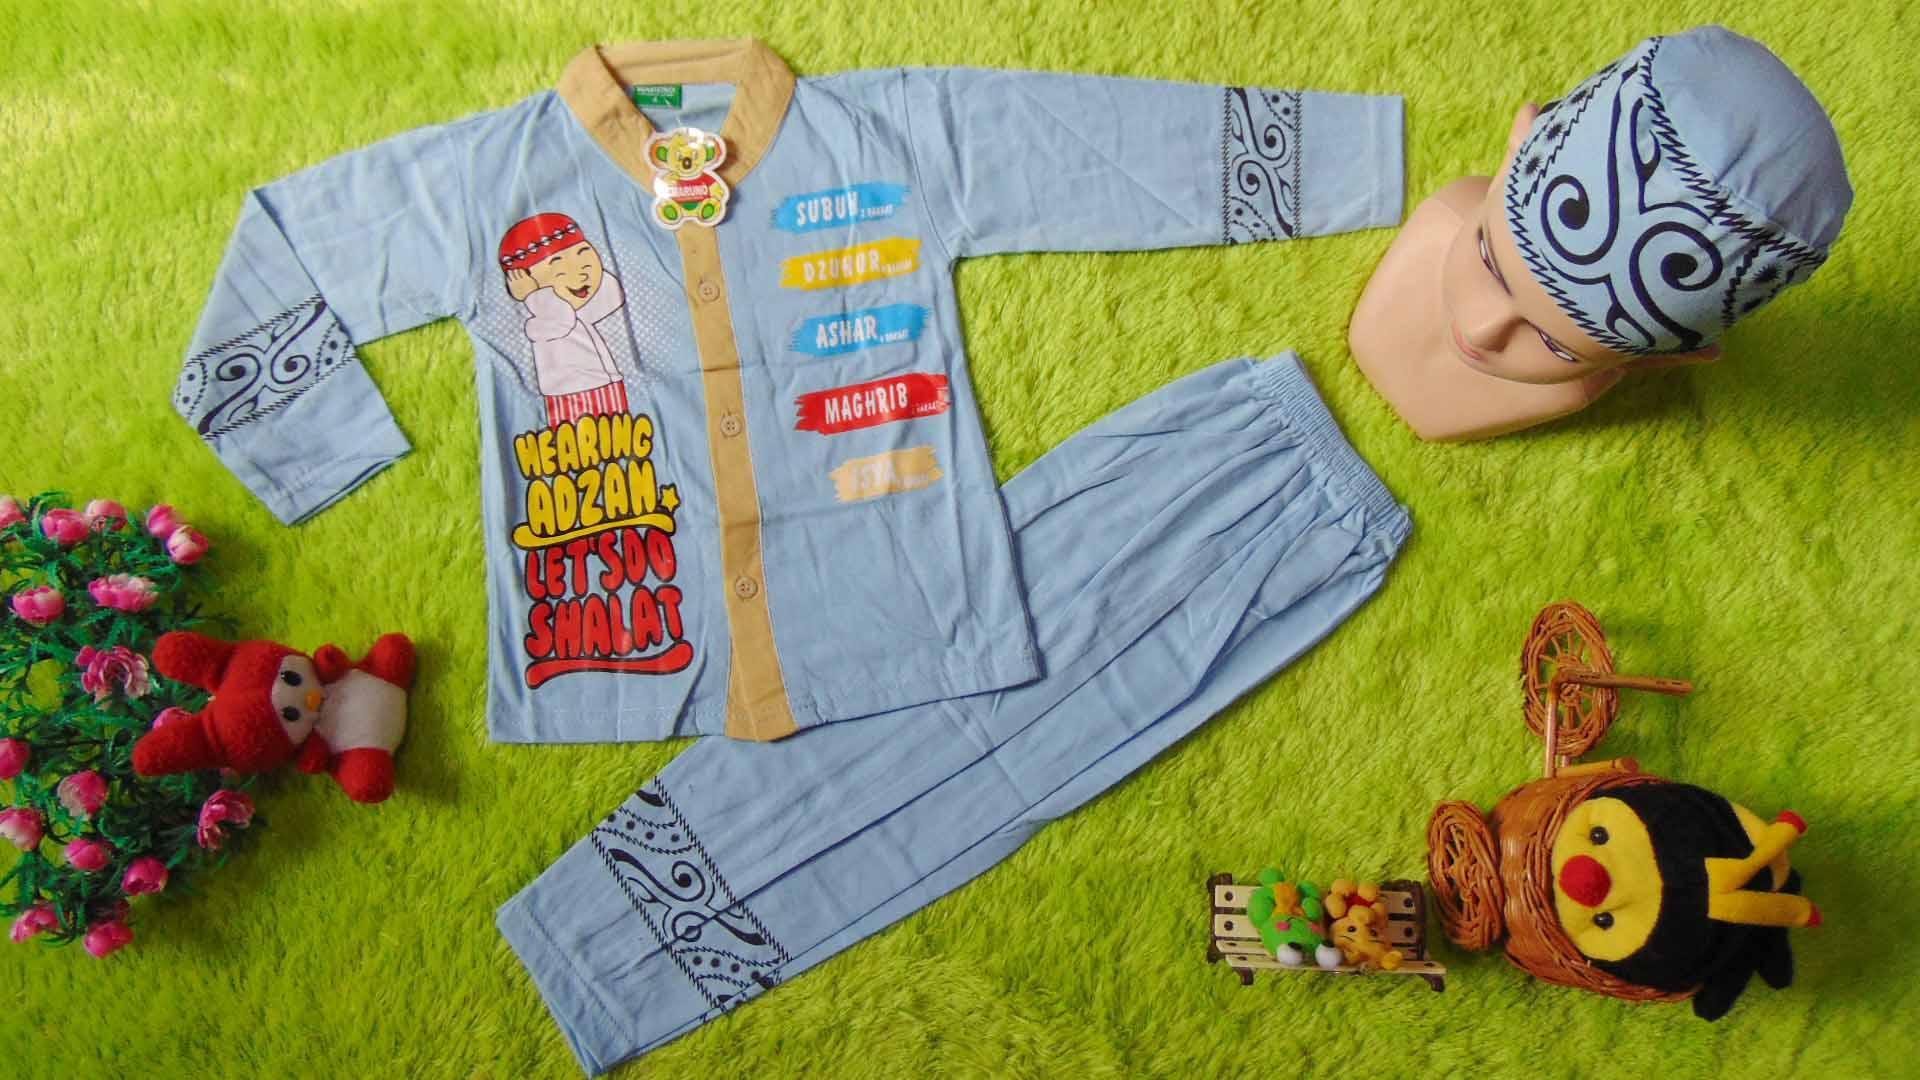 kembarshop - PALING LARIS setelan baju koko maruno muslim lebaran ramadhan idul fitri anak laki-laki cowok 2 tahun PLUS PECI  warna dan motif random